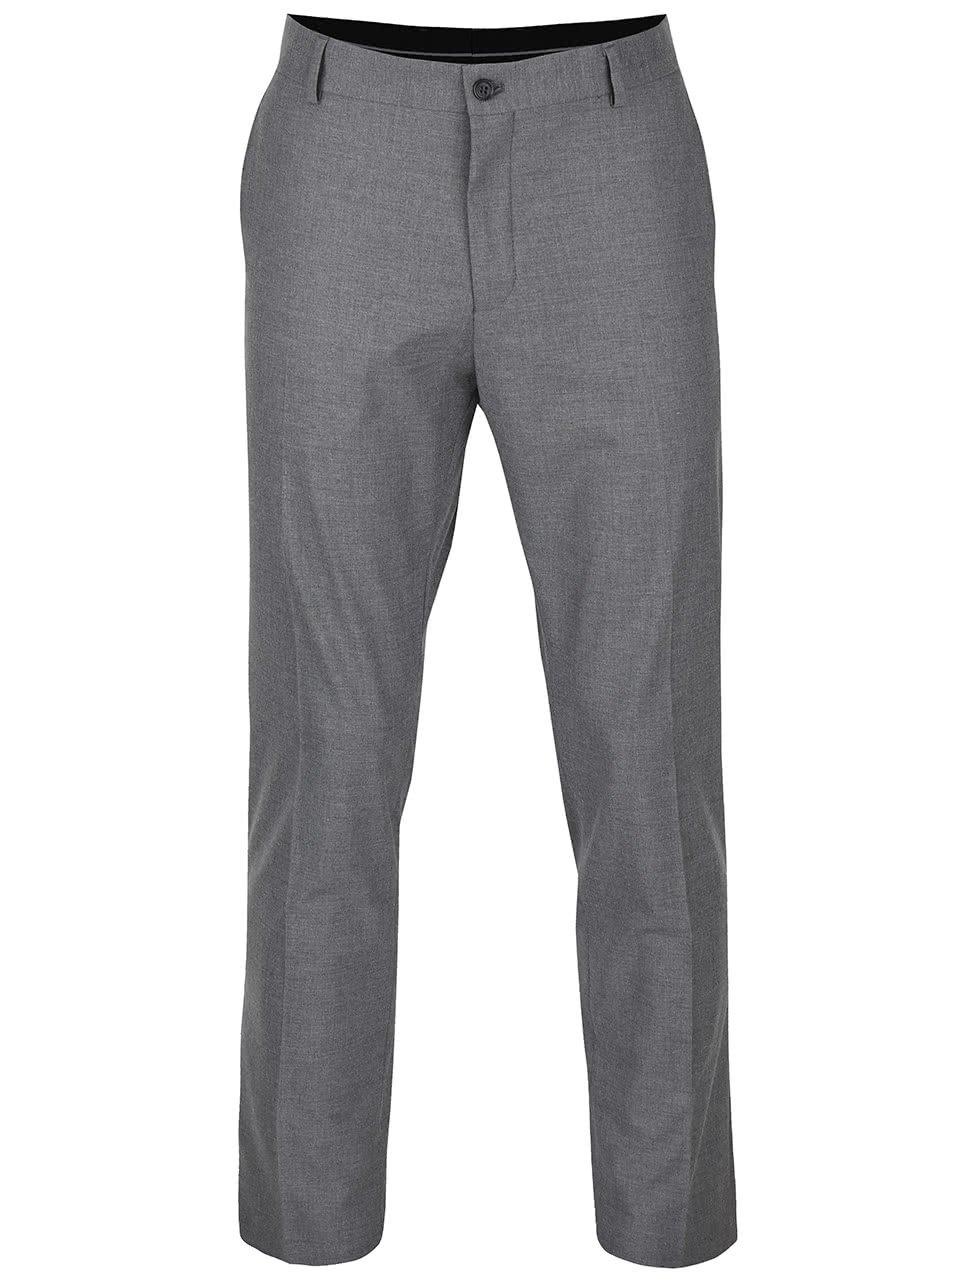 Šedé žíhané formální kalhoty Selected Homme New One